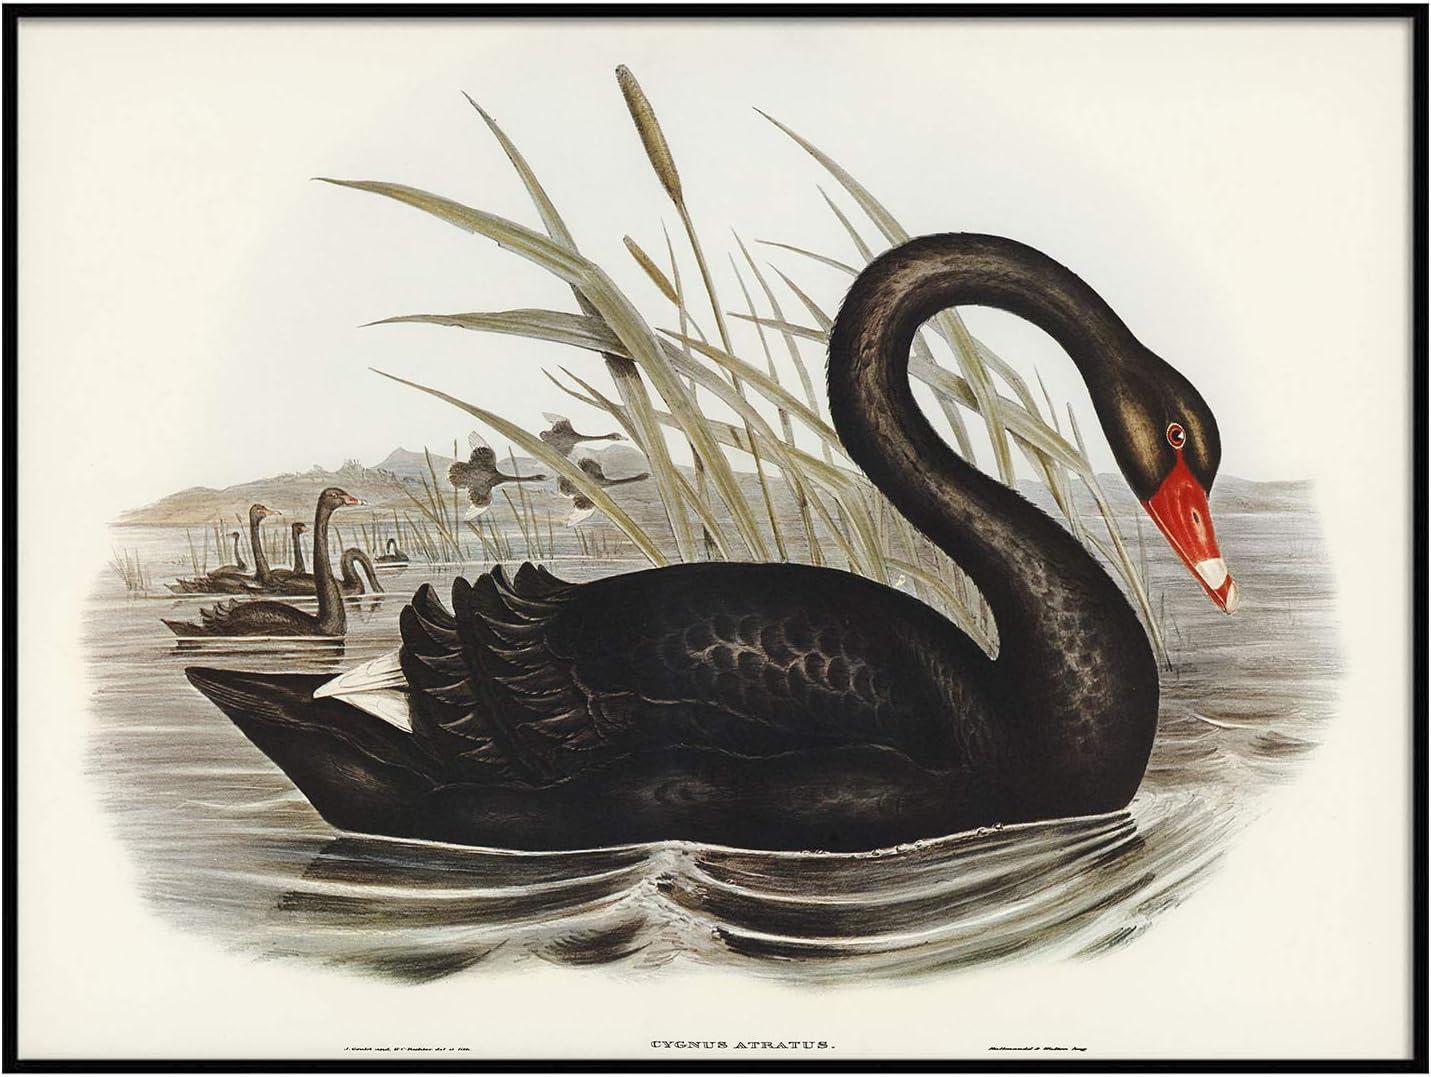 Vintage Print Vintage Art Bird Print Scrapbooking 80s Art Baby Swan Cygnets Mixed Media Vintage Swan Print 80s Print Stapco Print